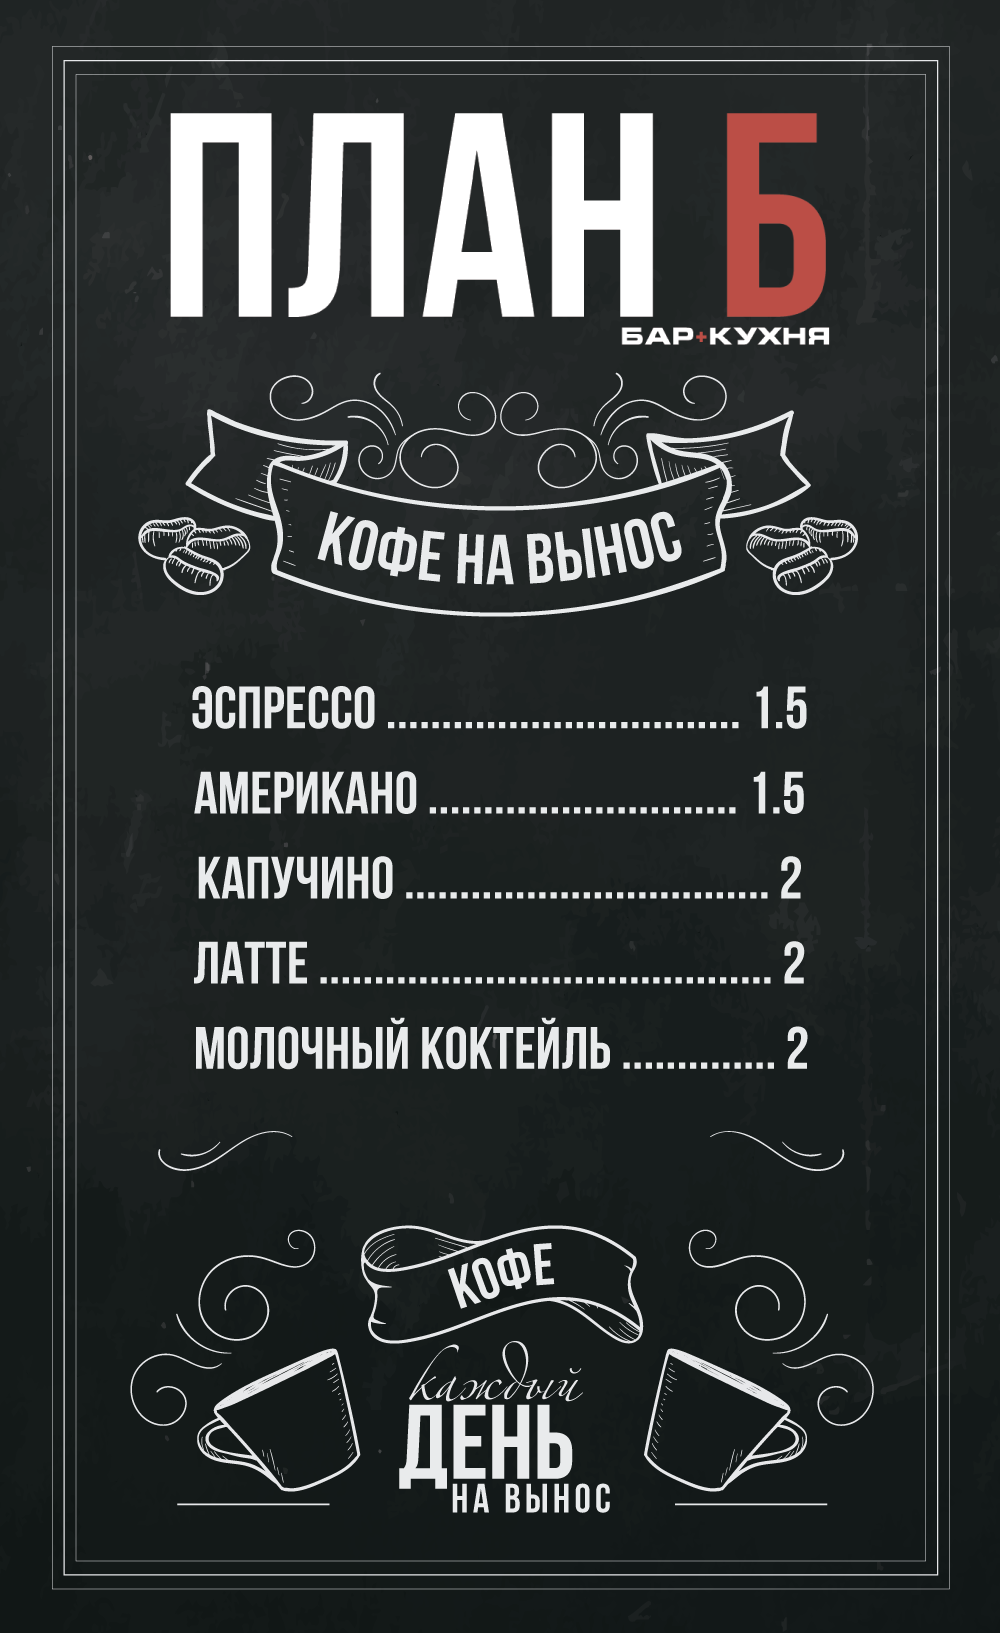 """Тарелка к пенному напитку, чикен-бургер, драники, паста """"Карбонара"""", тортилья от 4,50 руб. в """"Plan B"""""""